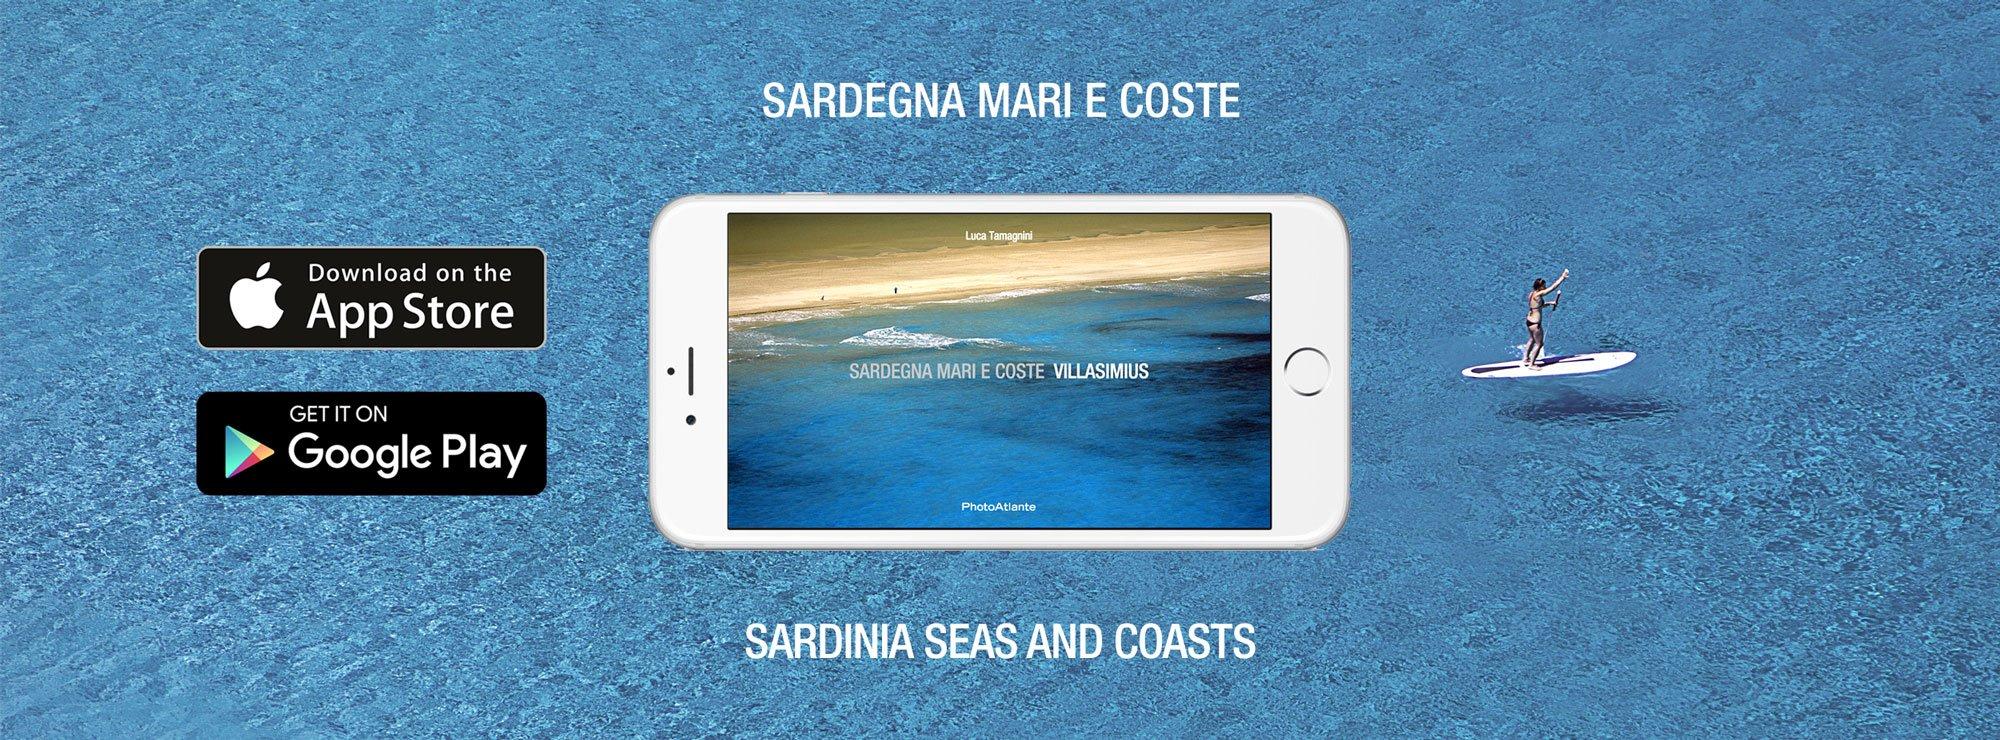 eBooks fotografici sulla Sardegna di Photoatlante